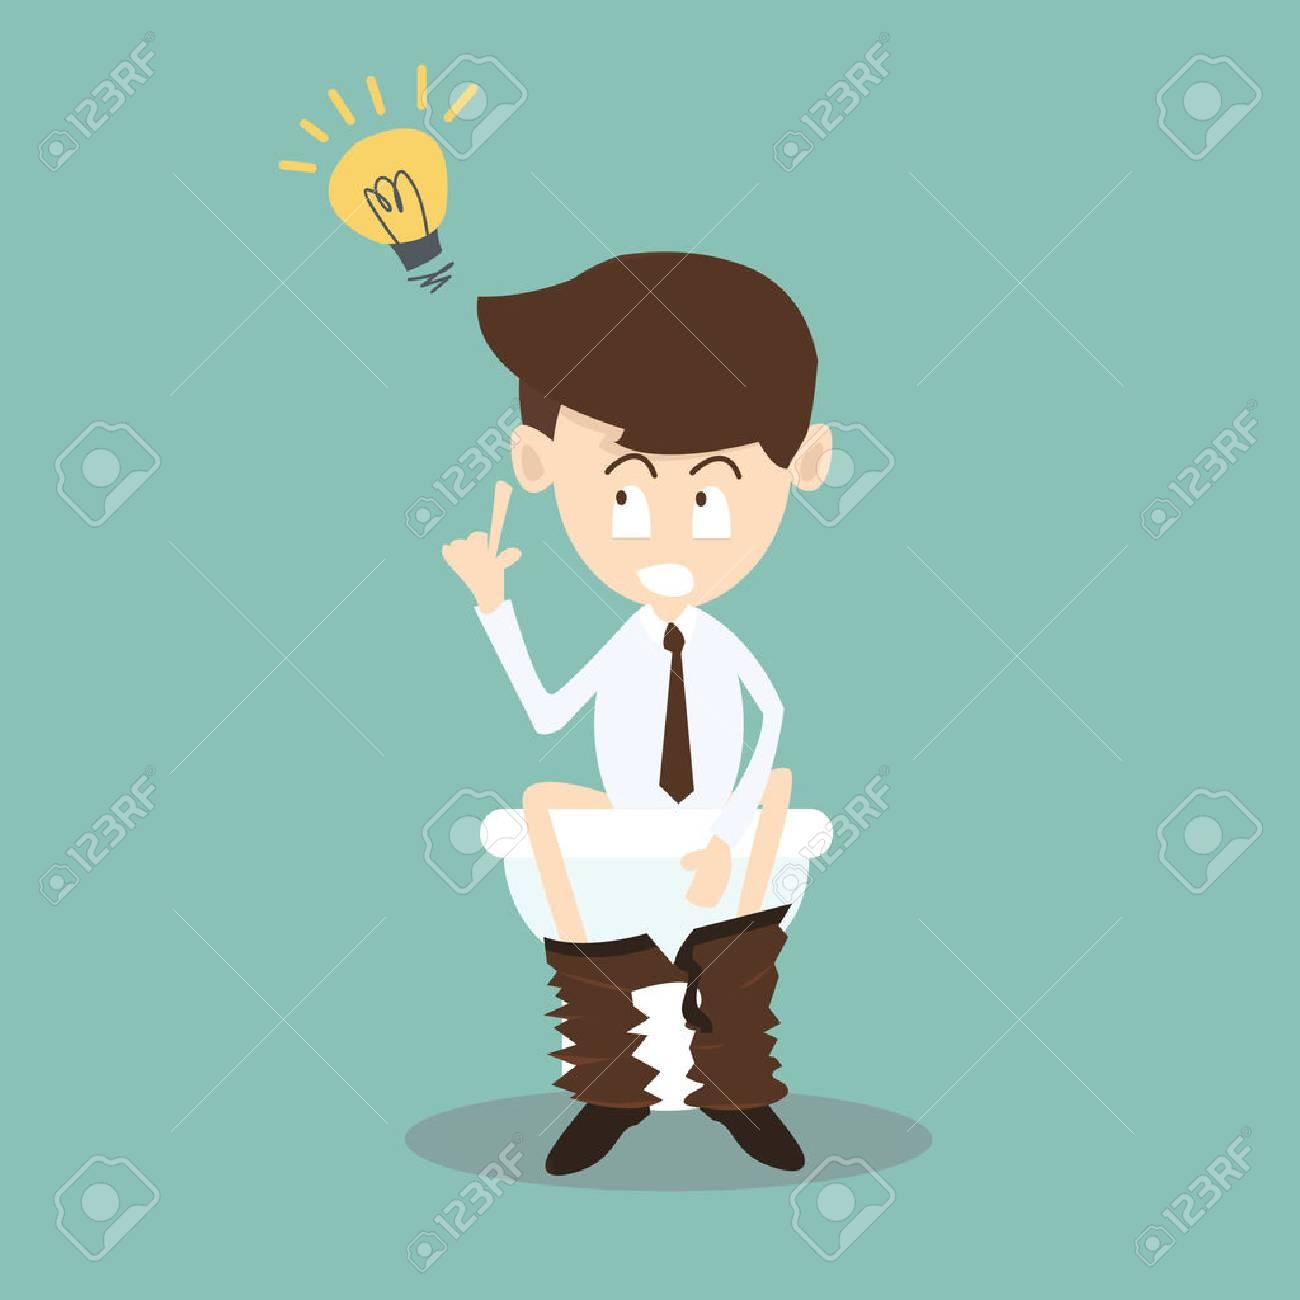 Geschäftsmann In Der Toilette Get Idee, Business-Konzept Lizenzfrei ...